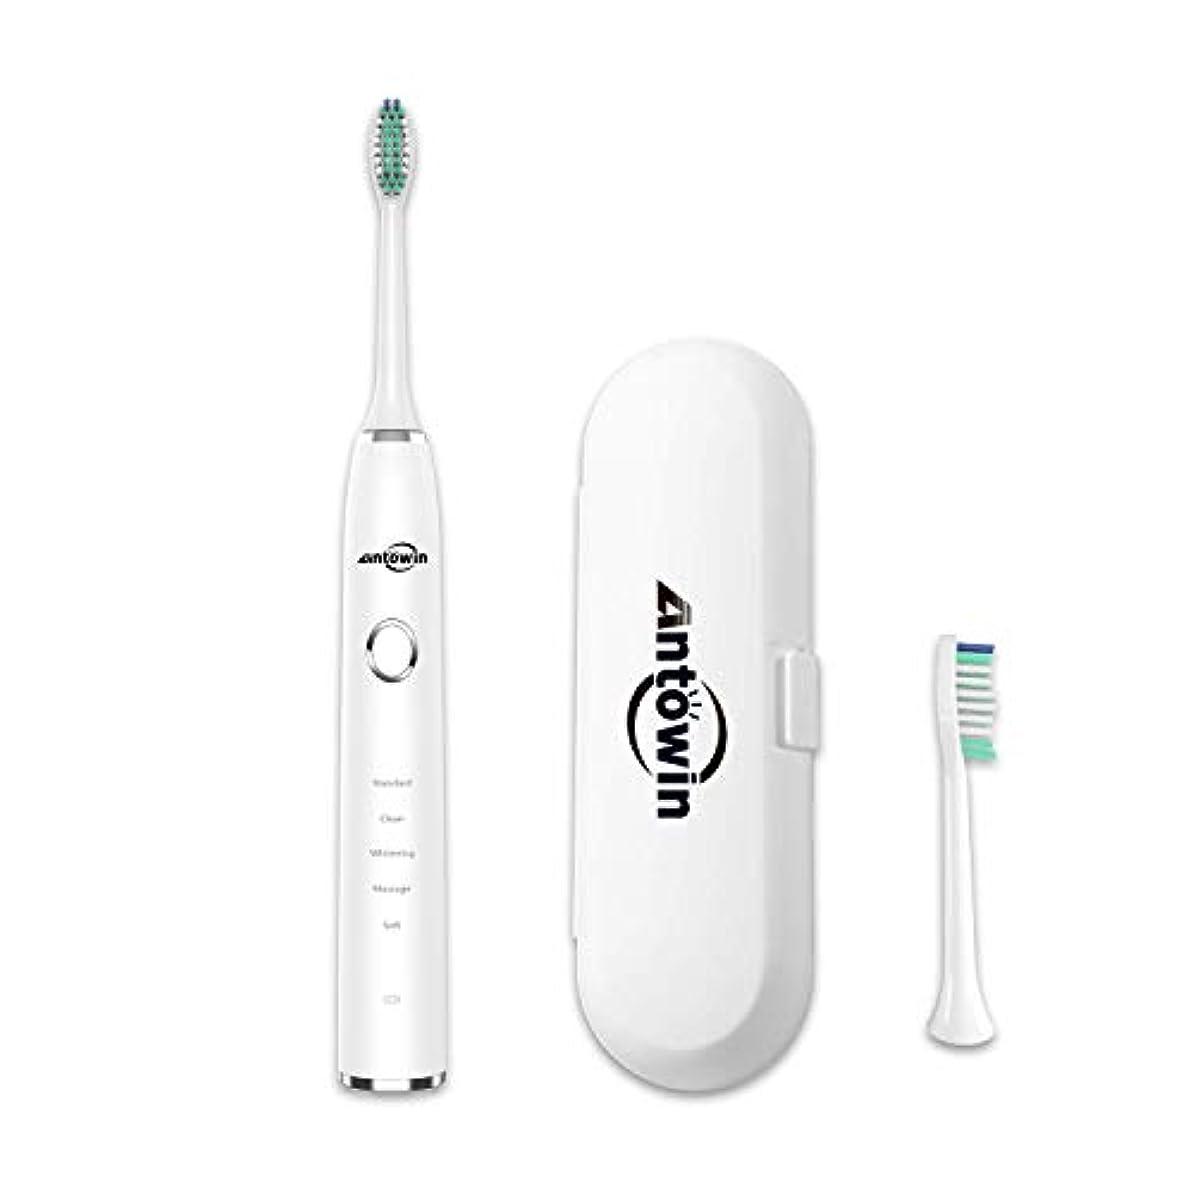 娘連続的原子電動歯ブラシ antowin 5モード IPX8防水ボディ 替え歯ブラシ 2本付属 持ち運び 旅用 2分オートタイマー 歯磨き 小型ケース付属 H9 ホワイト